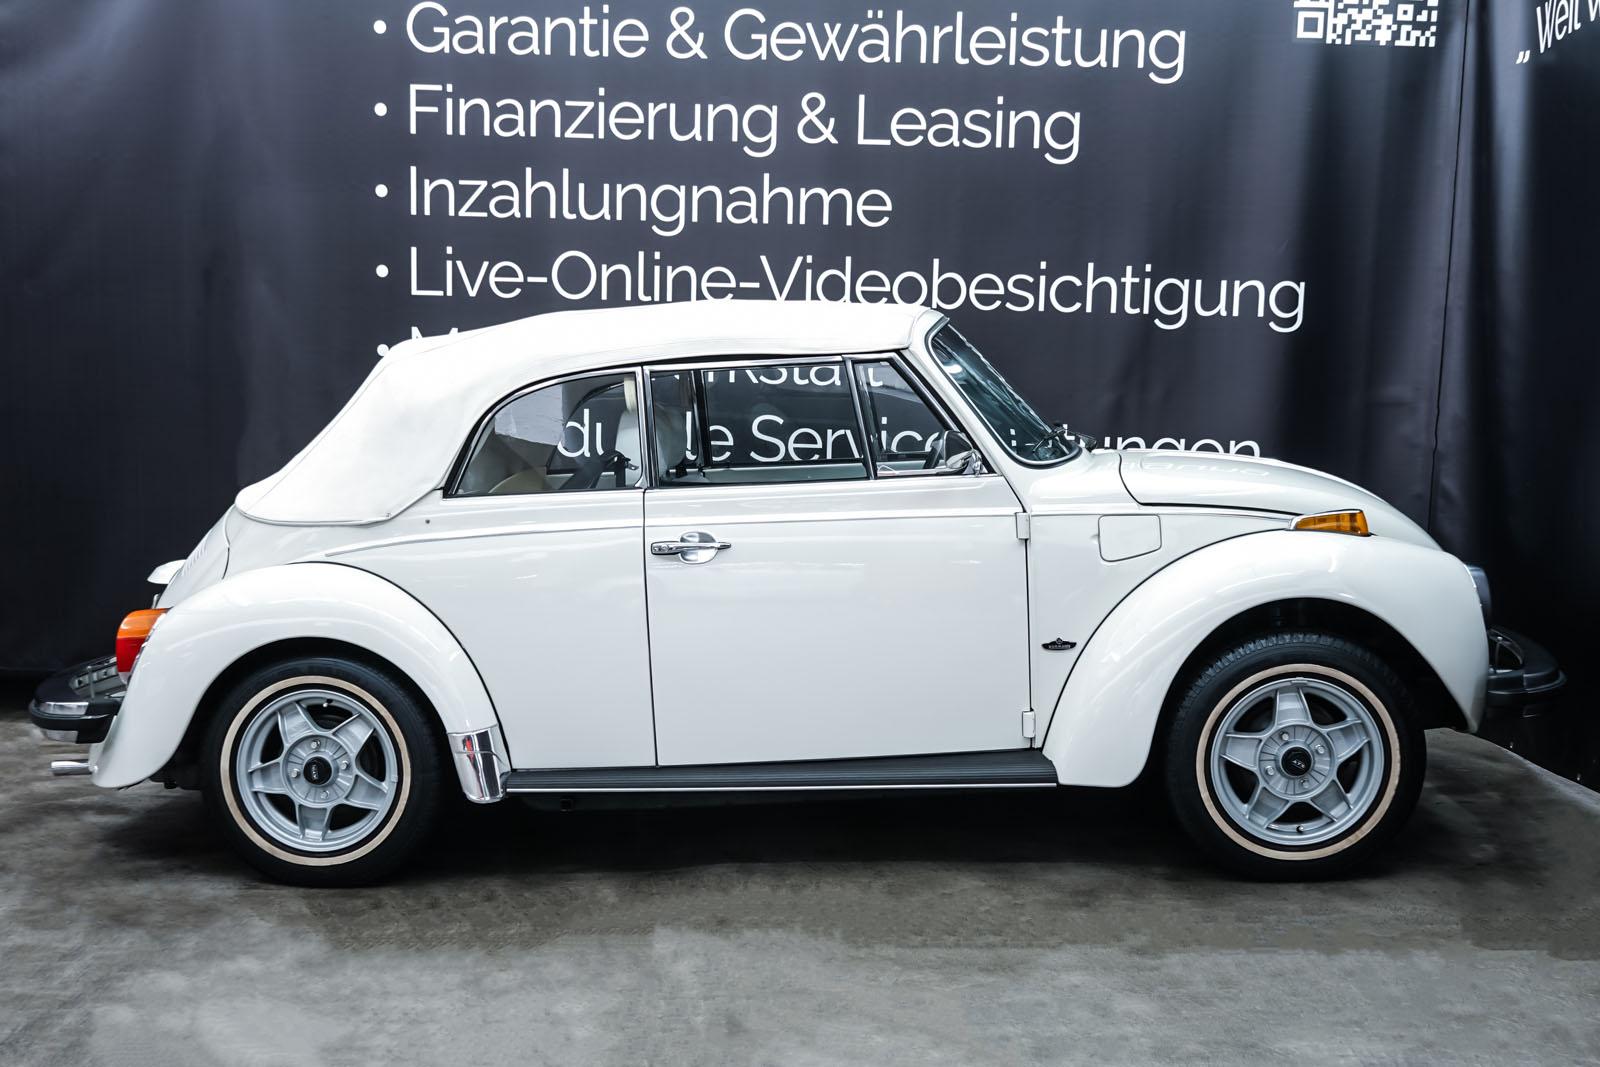 VW_Käfer_Cabrio_Weiß_Weiß_VW-3481_19_w